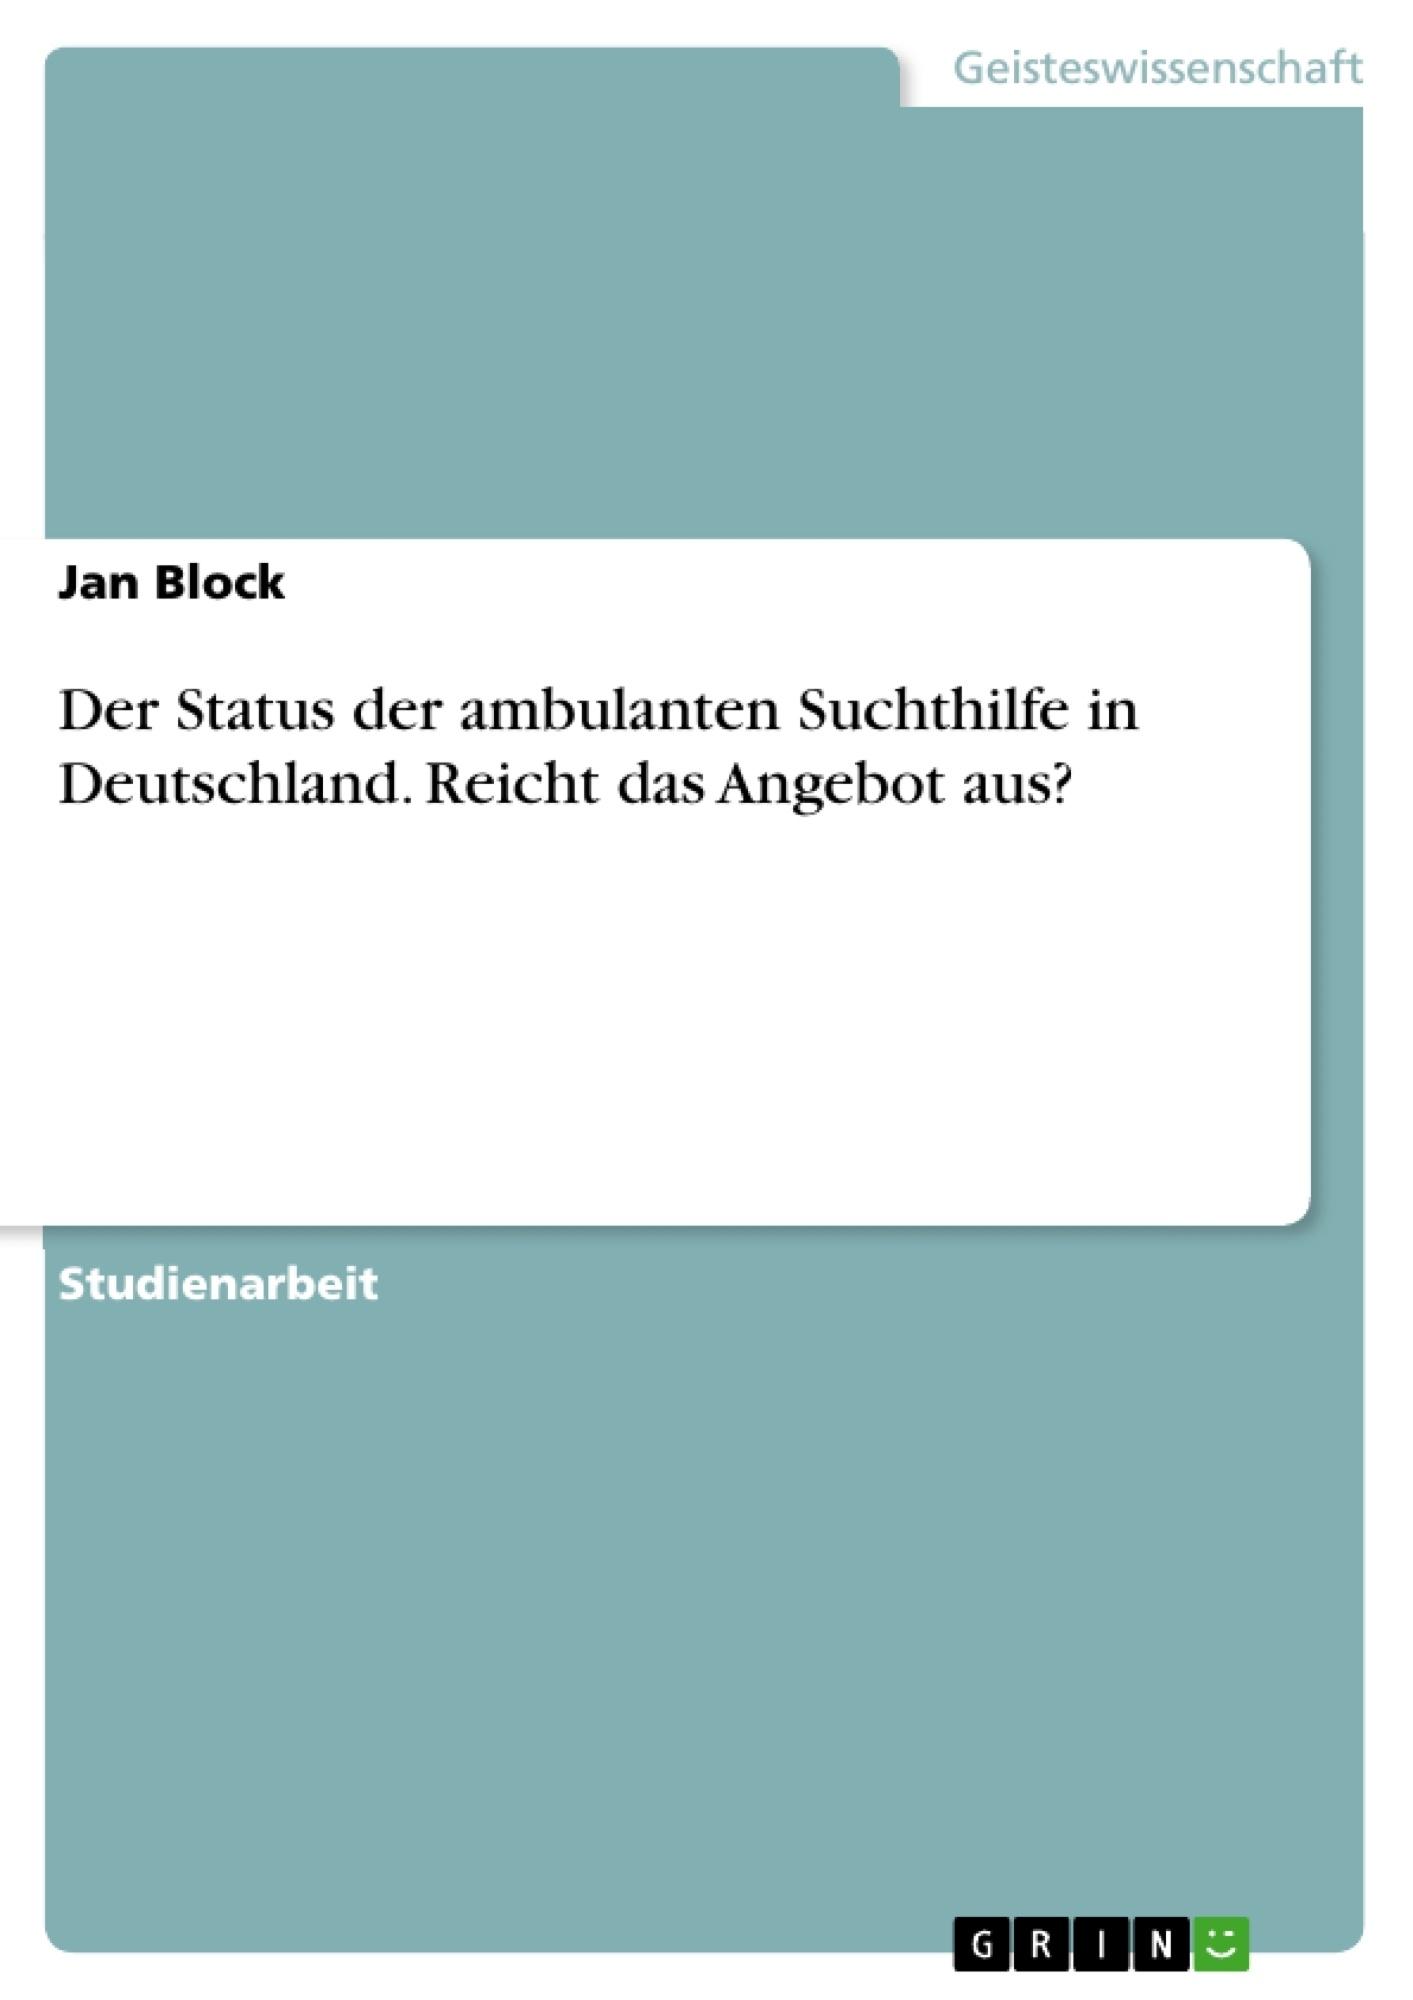 Titel: Der Status der ambulanten Suchthilfe in Deutschland. Reicht das Angebot aus?